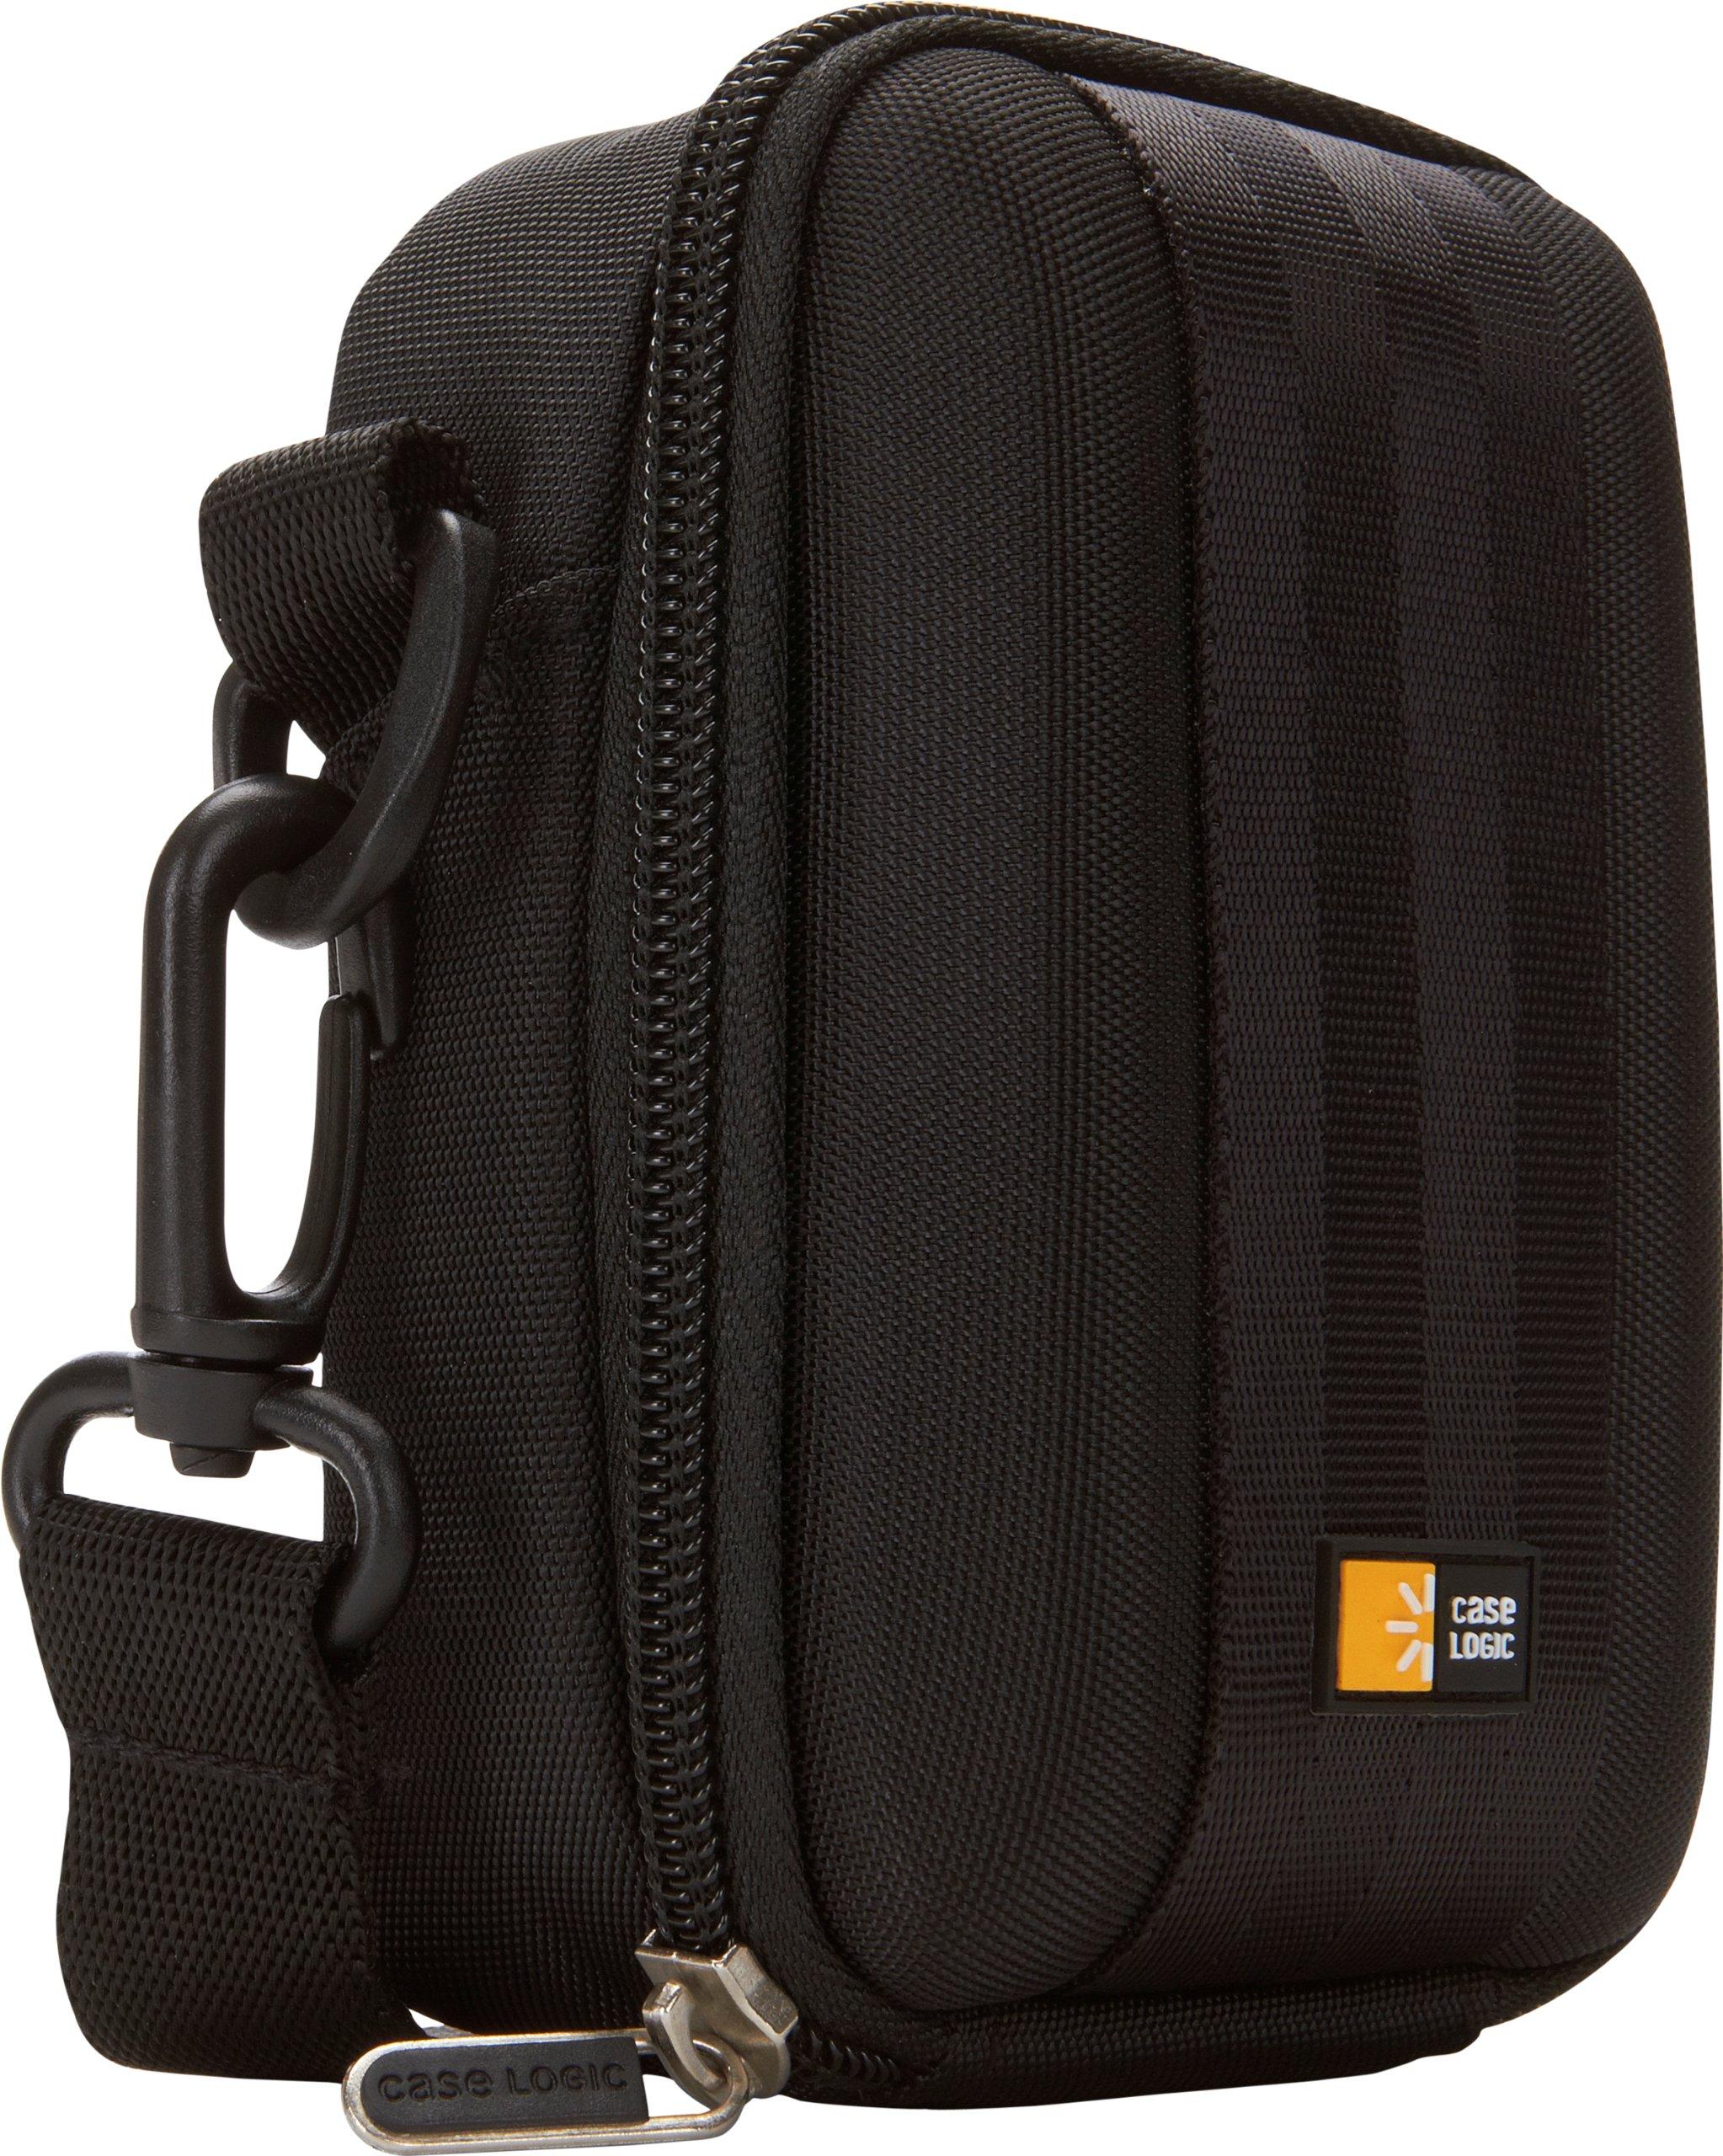 Case Logic QPB-202 EVA Molded Flash Camcorder or Medium Zoom Camera Case (Black)